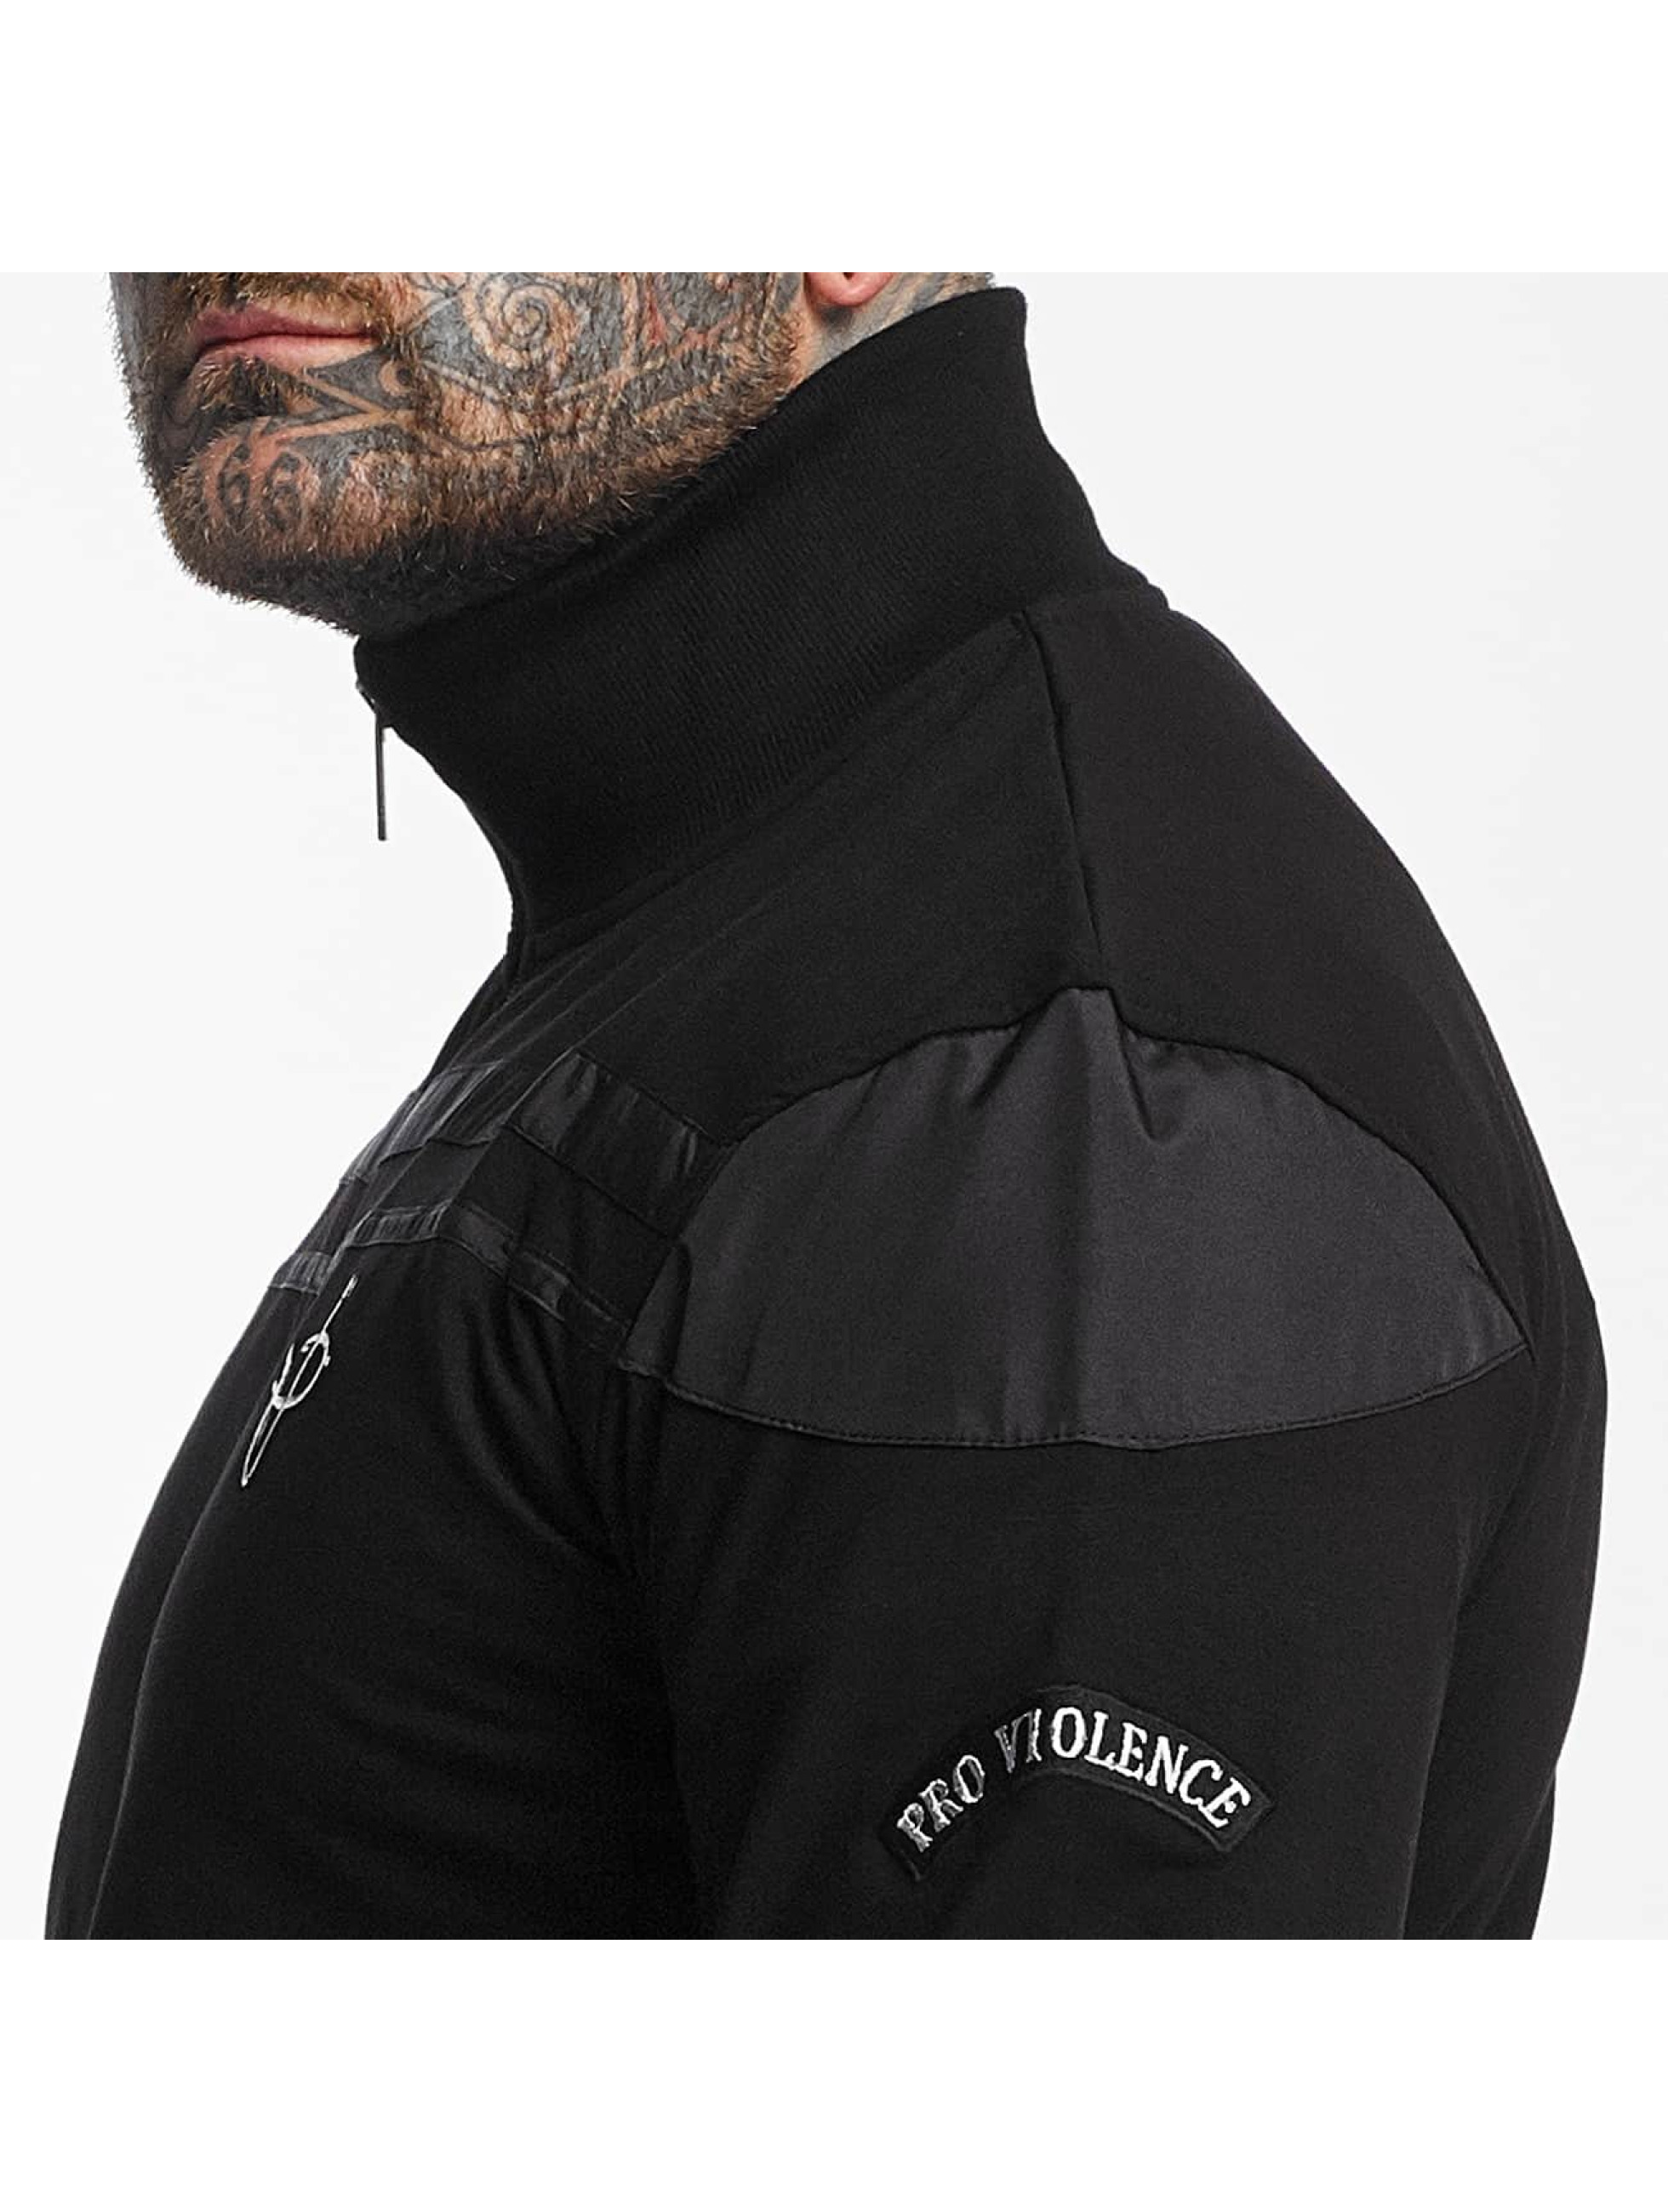 Pro Violence Streetwear Dresser Cosy svart